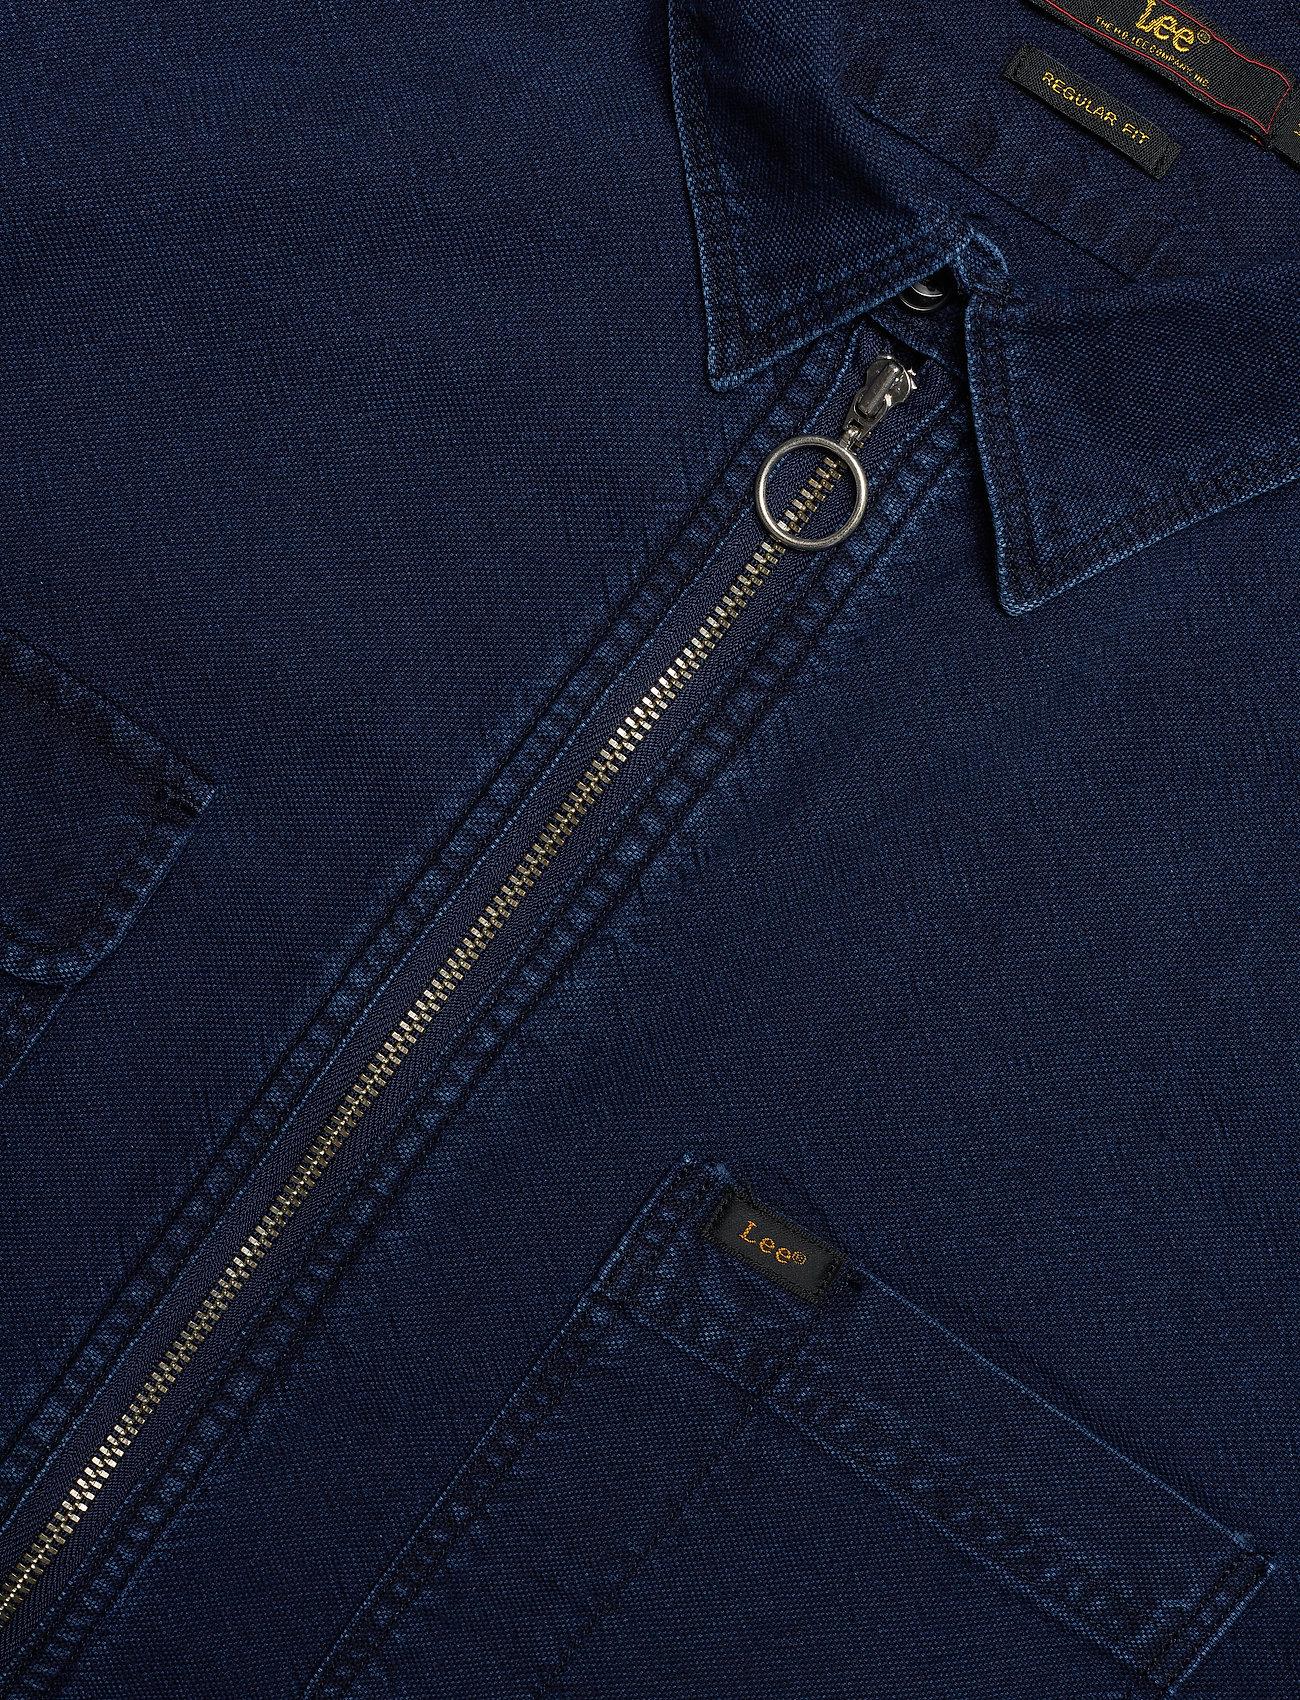 WorkerindigoLee Zip Zip Zip Jeans WorkerindigoLee Through Jeans Jeans Through Through Zip WorkerindigoLee EH92WDI